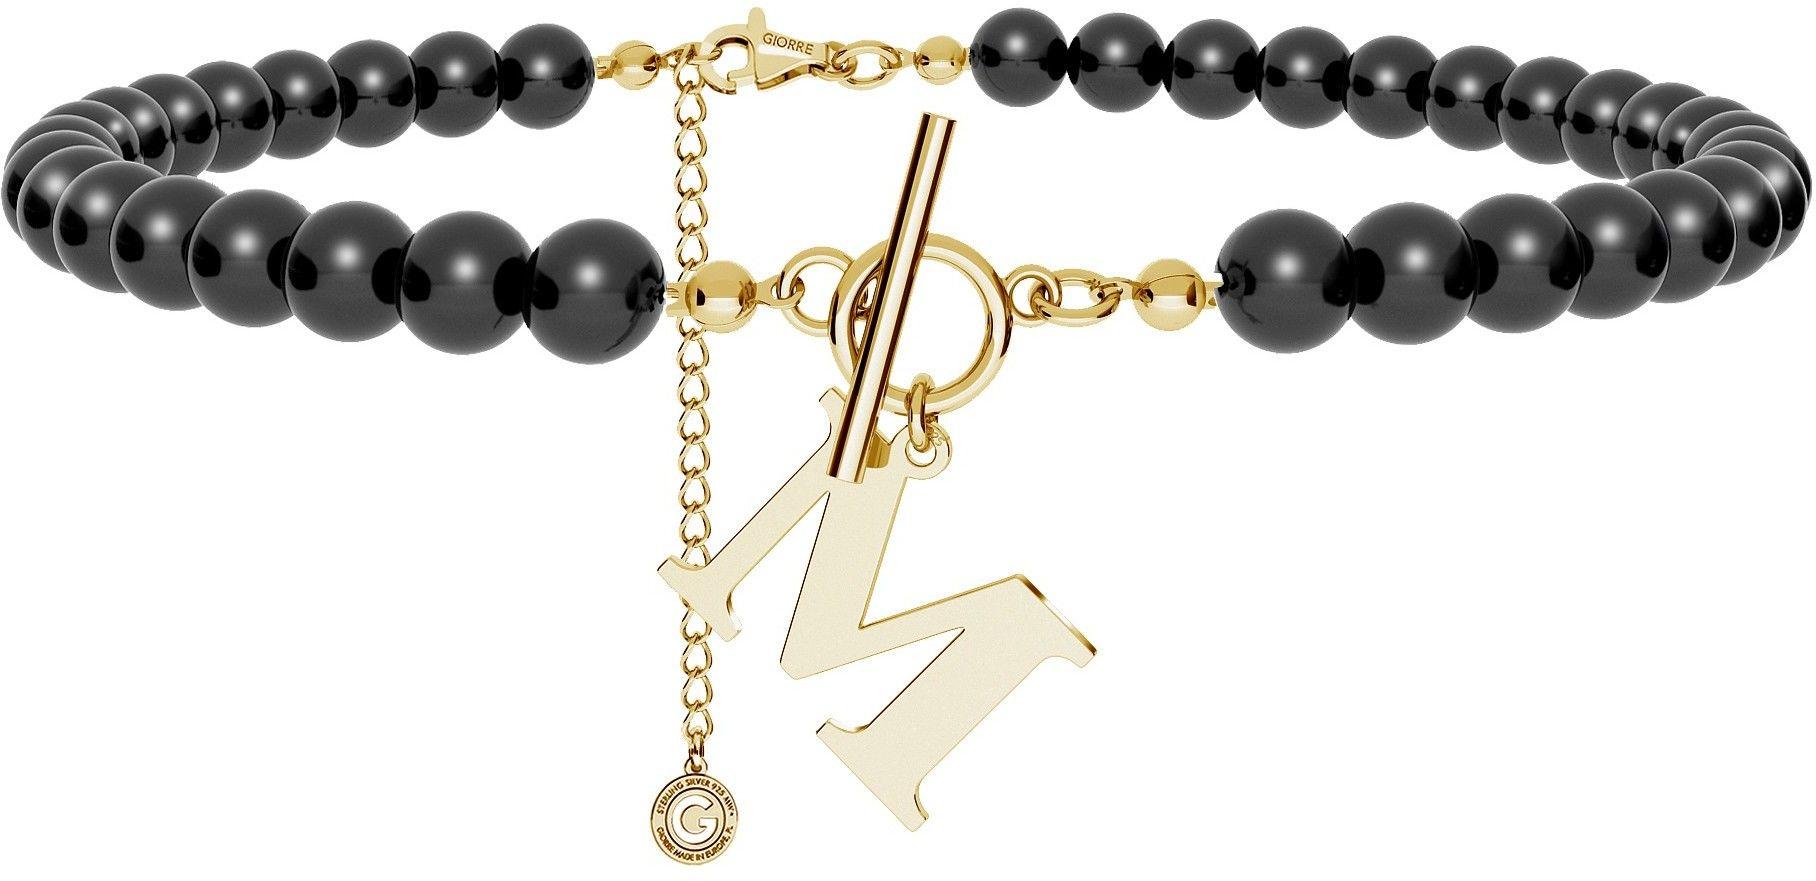 Czarny perłowy choker z dowolną literą, Swarovski, srebro 925 : Litera - K, Srebro - kolor pokrycia - Pokrycie platyną